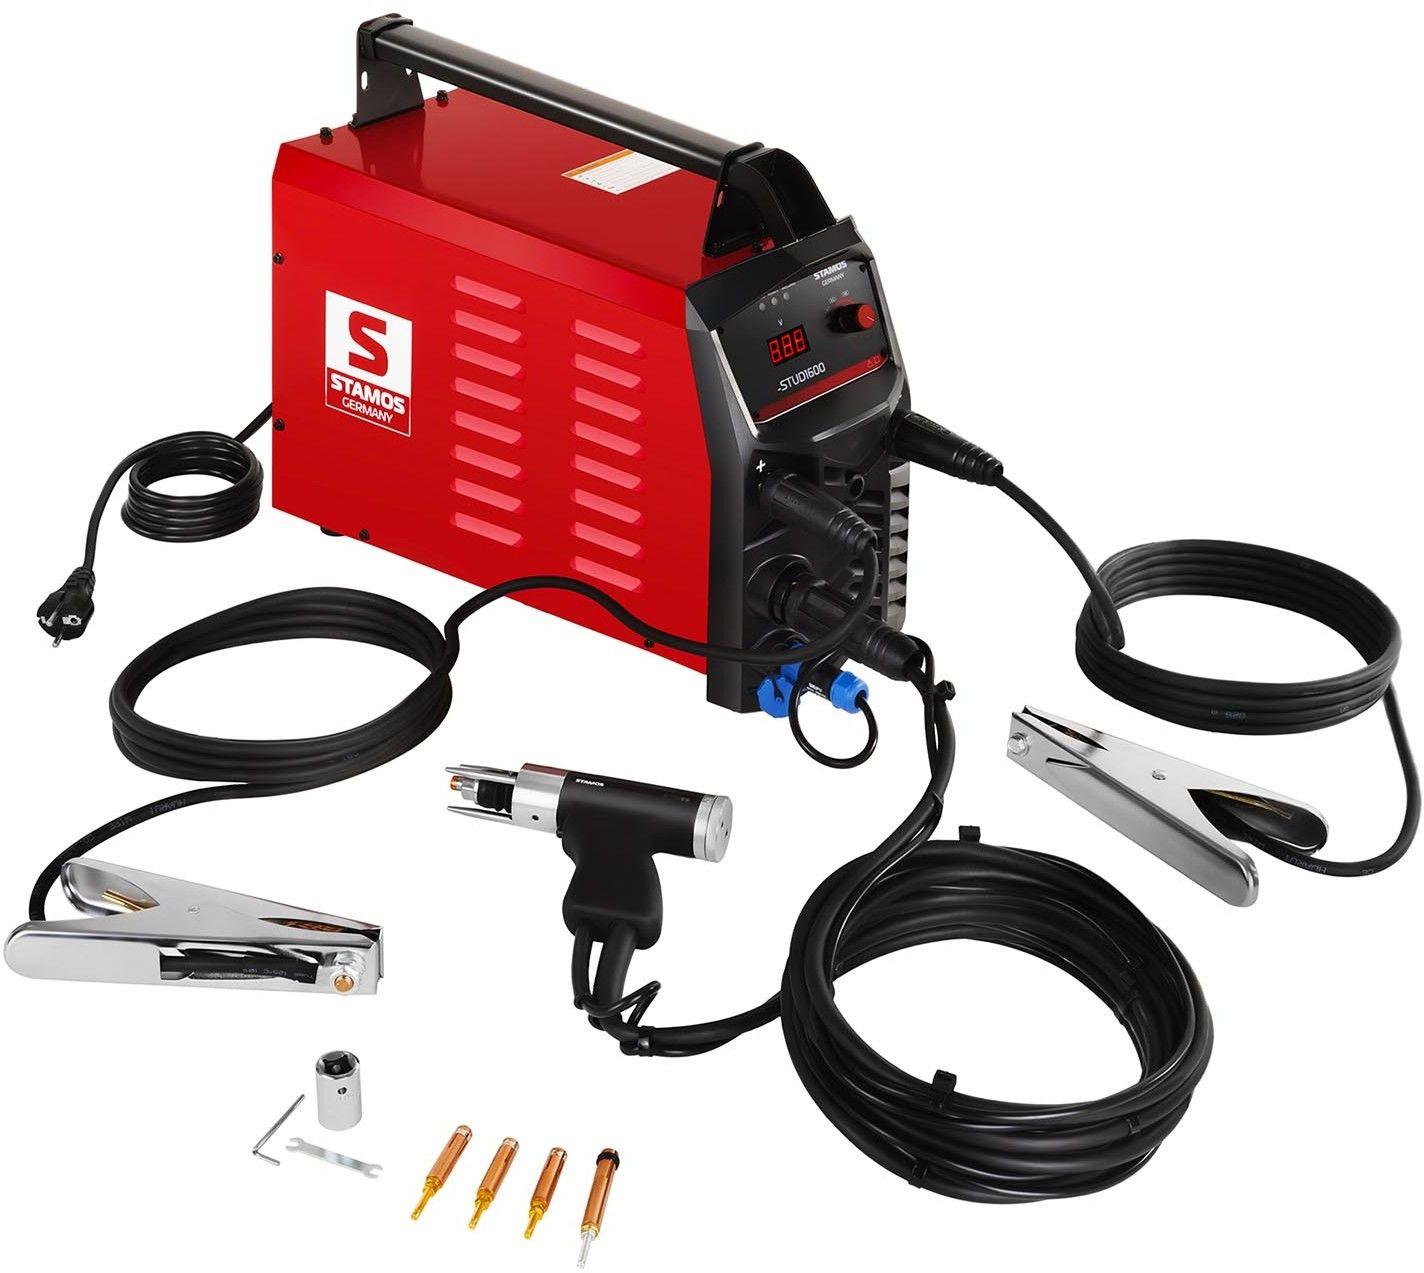 Zgrzewarka kondensatorowa - 1600 J - Stamos Germany - S-STUD1600 - 3 lata gwarancji/wysyłka w 24h